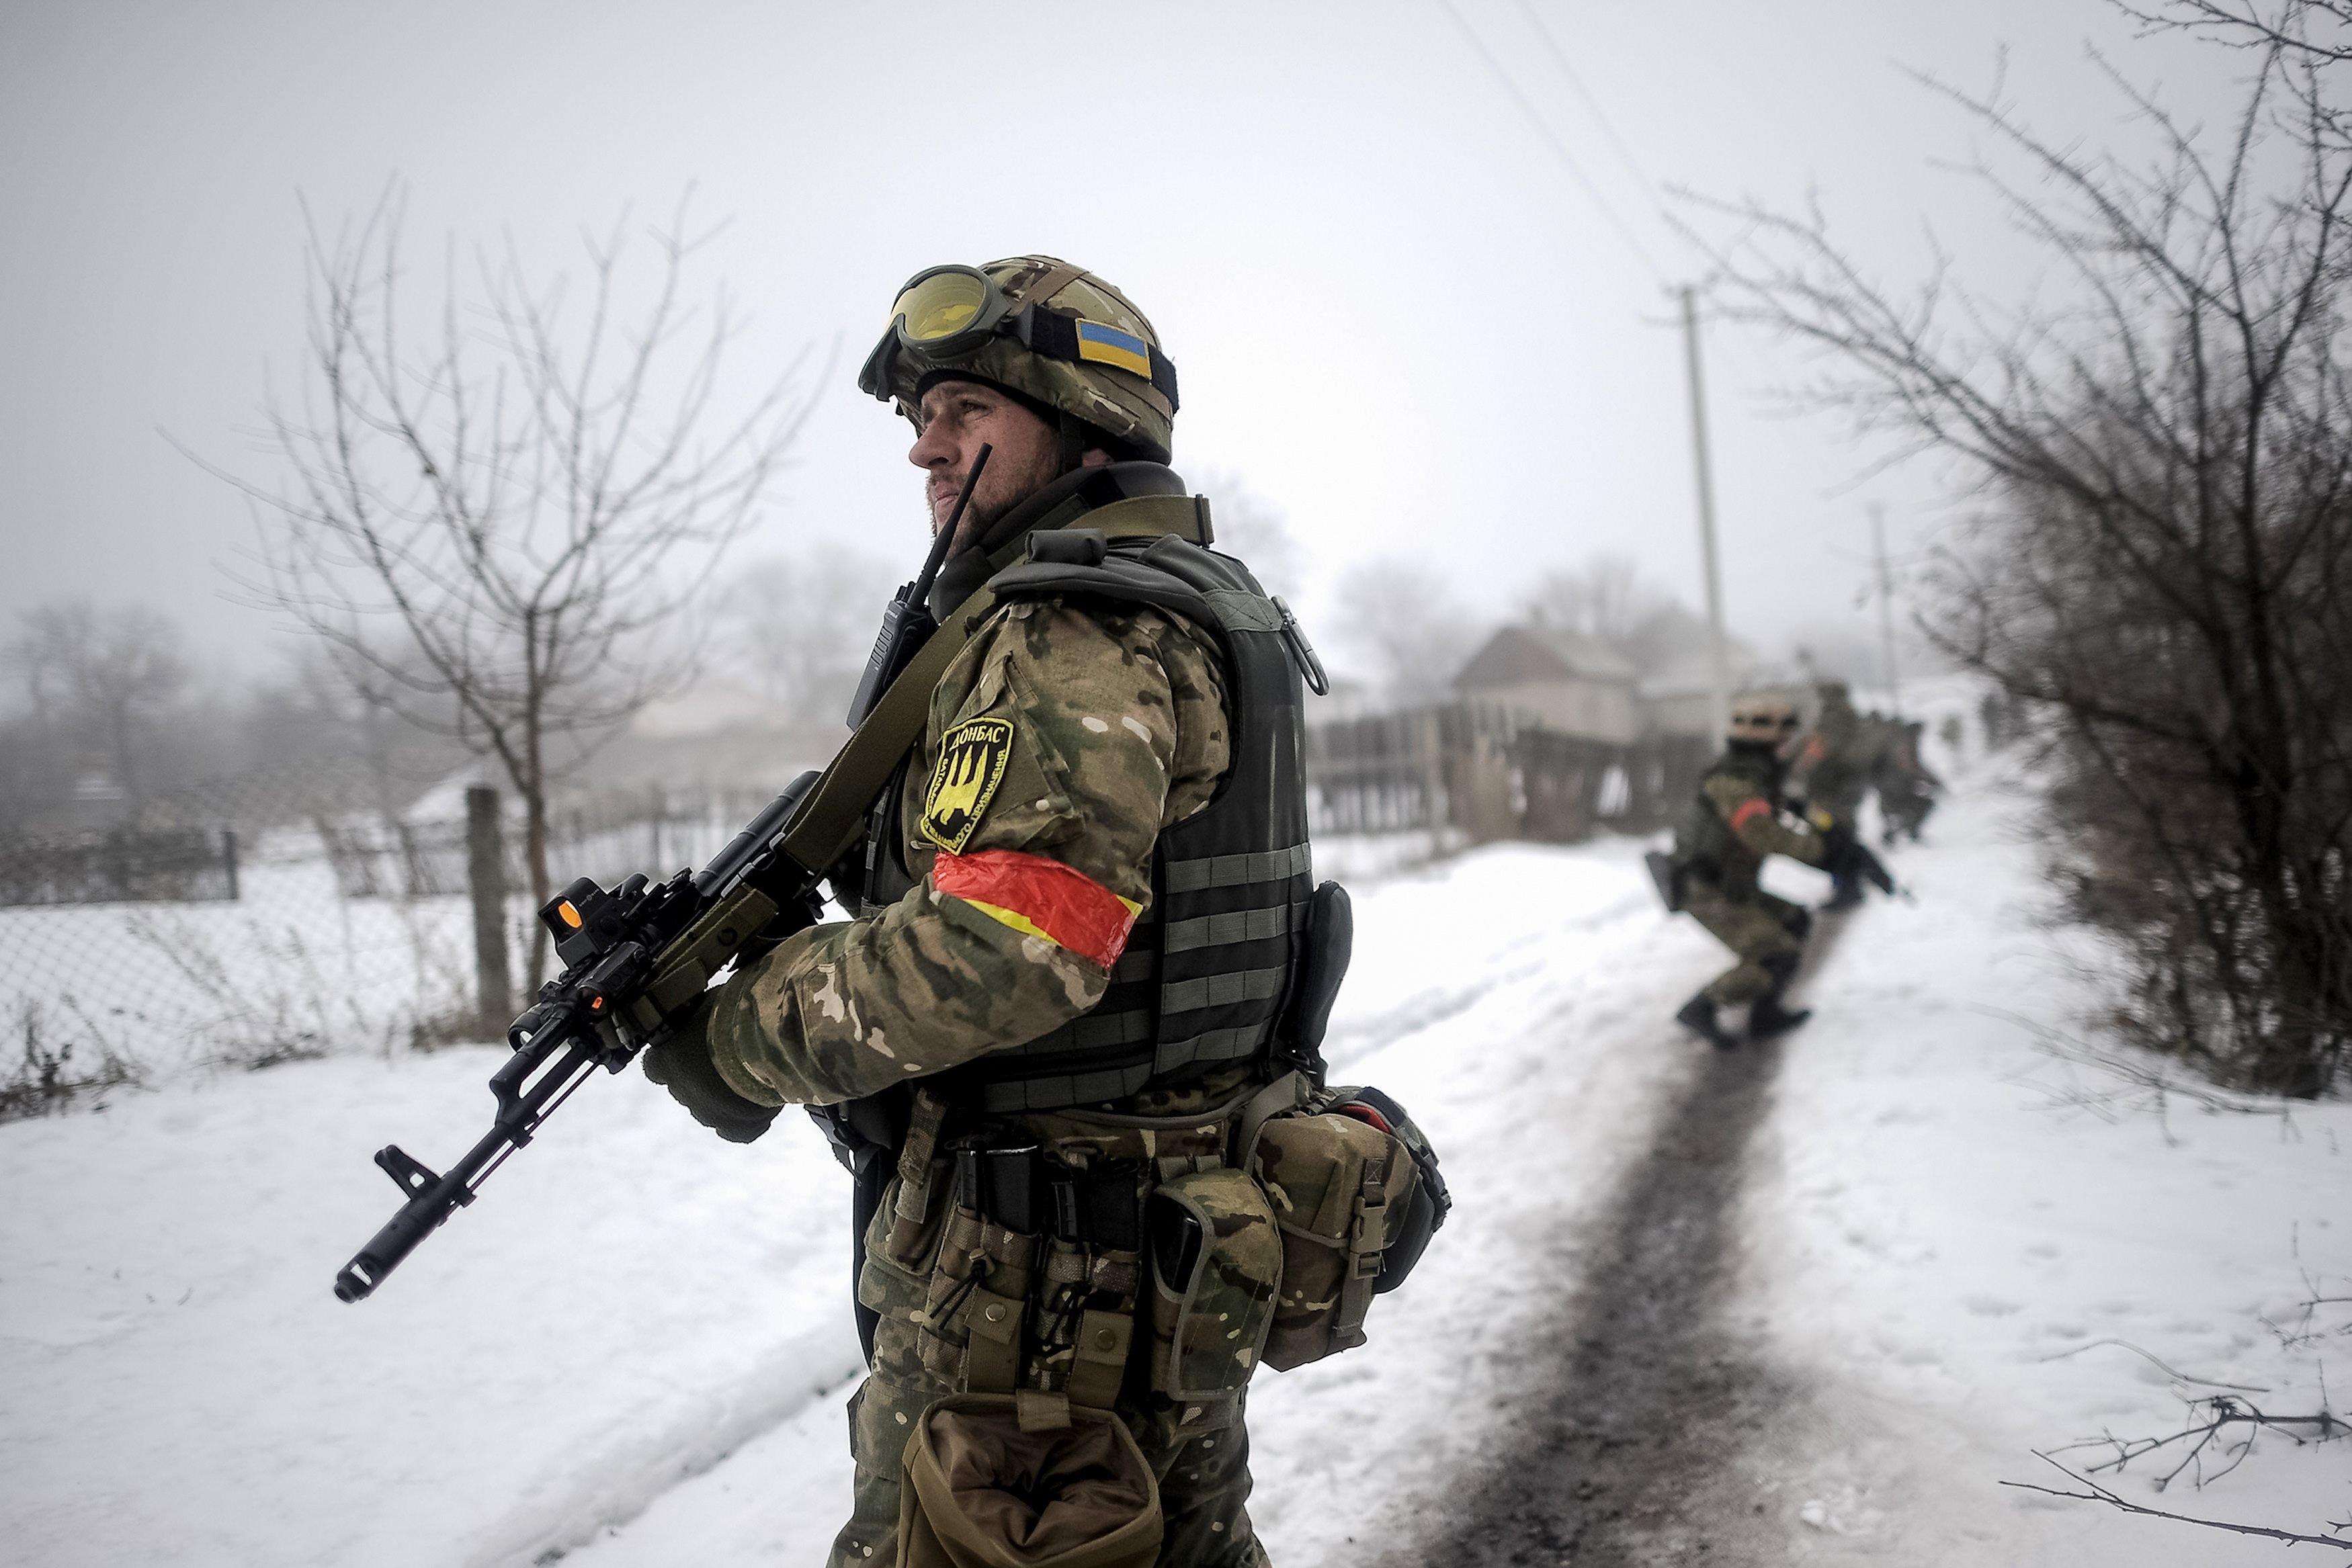 цветы фото украинских воинов объявления продаже